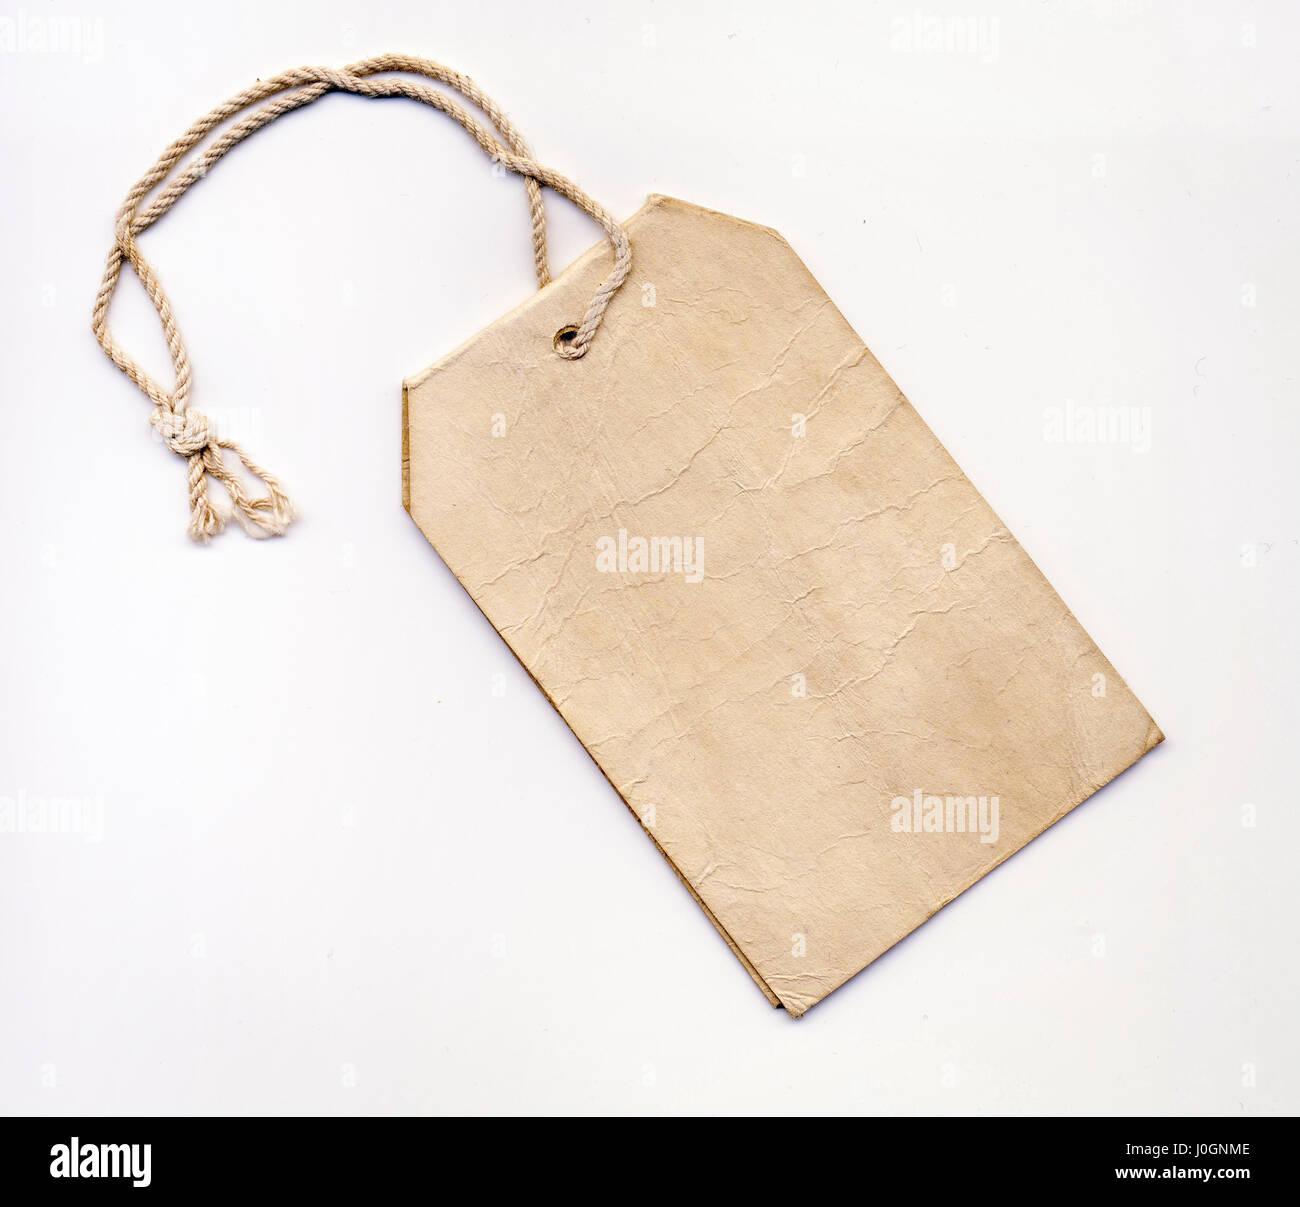 Empty Label Stockfotos & Empty Label Bilder - Alamy